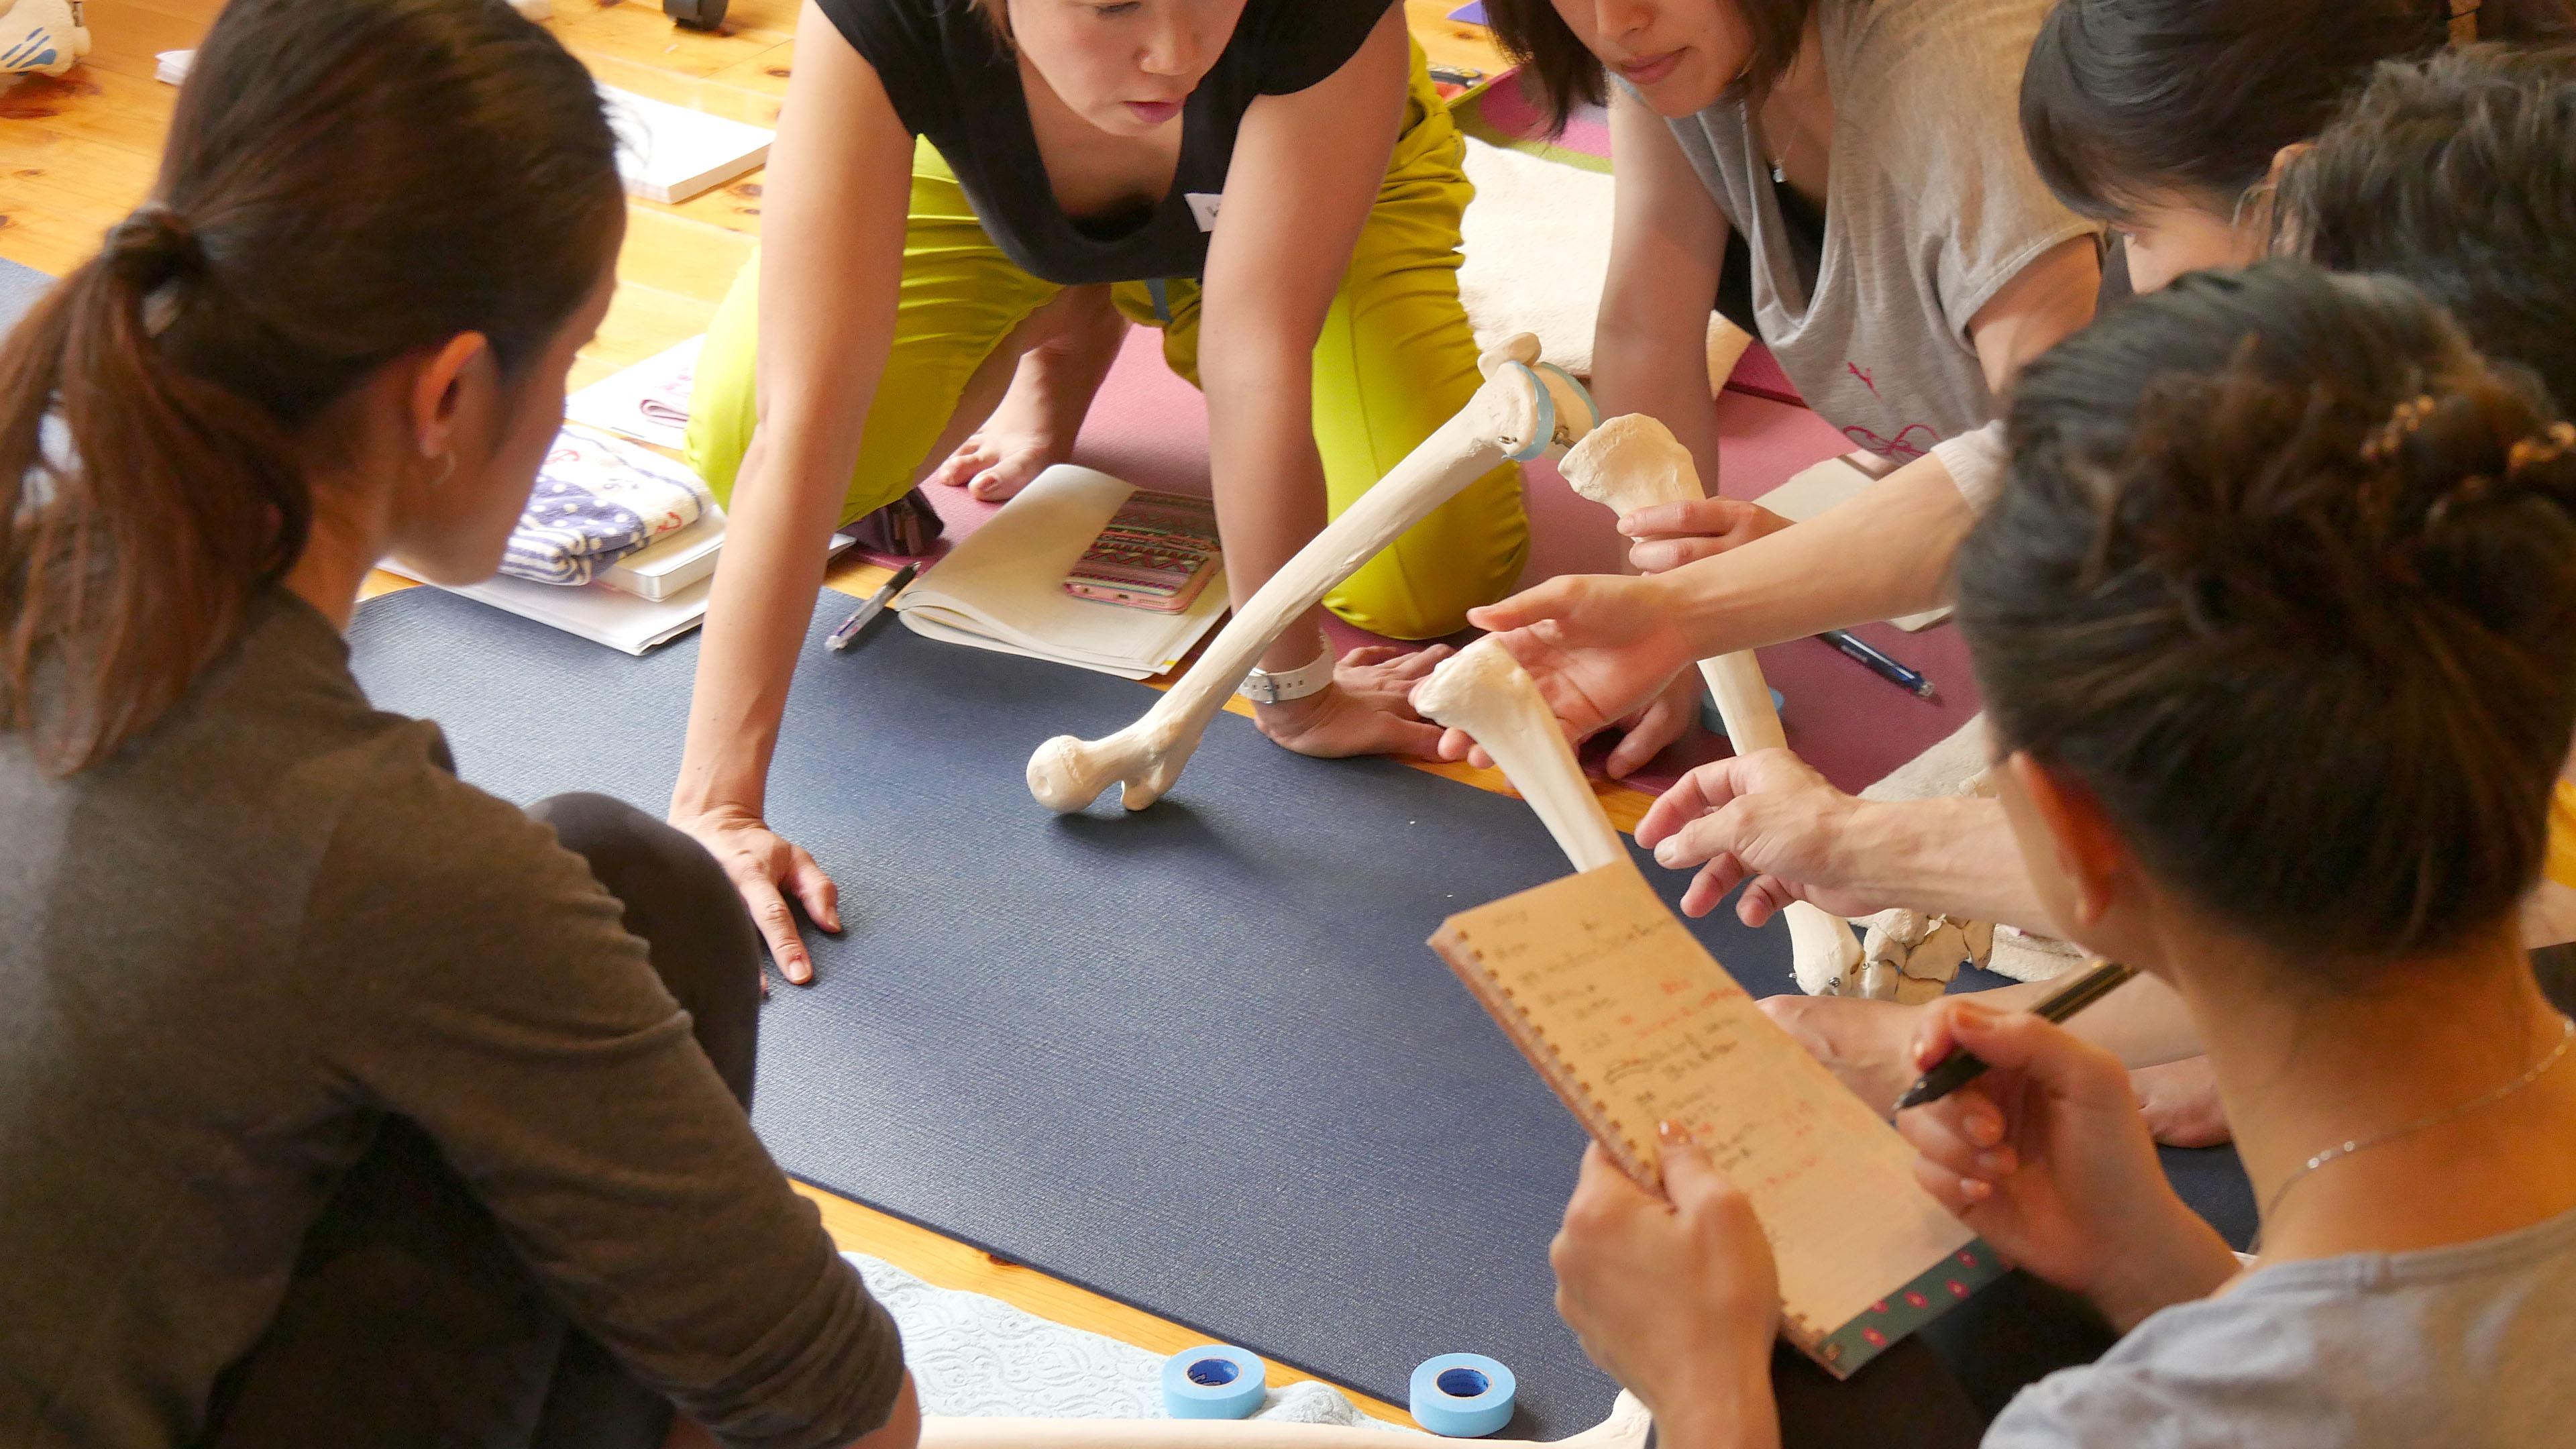 ヨガ解剖学講師内田かつのり先生による膝関節セラピーの様子。模型を使って膝構造を確認している